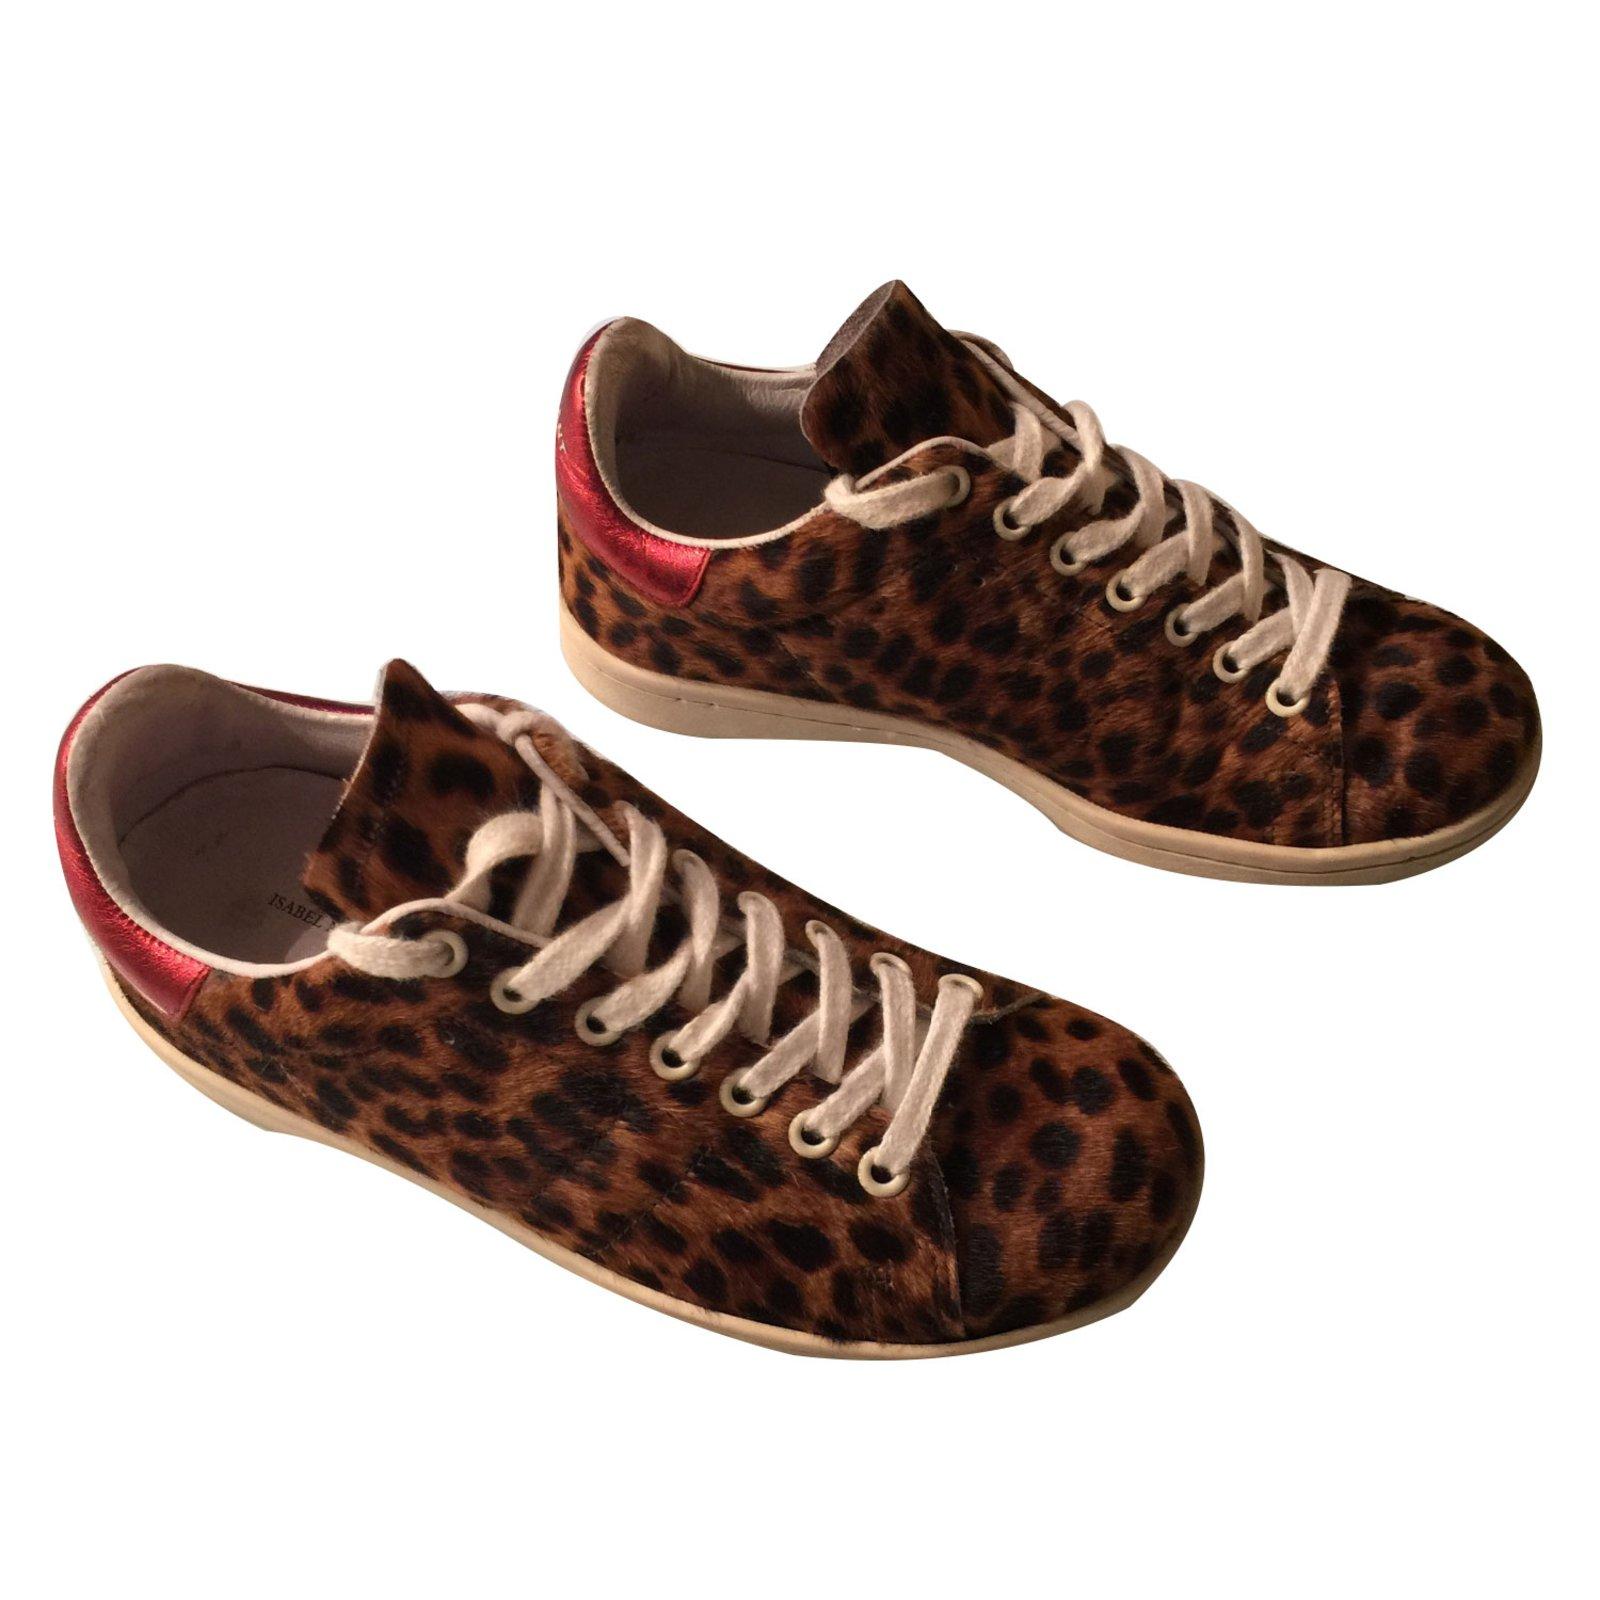 baskets isabel marant etoile basket leopard veau fa on. Black Bedroom Furniture Sets. Home Design Ideas